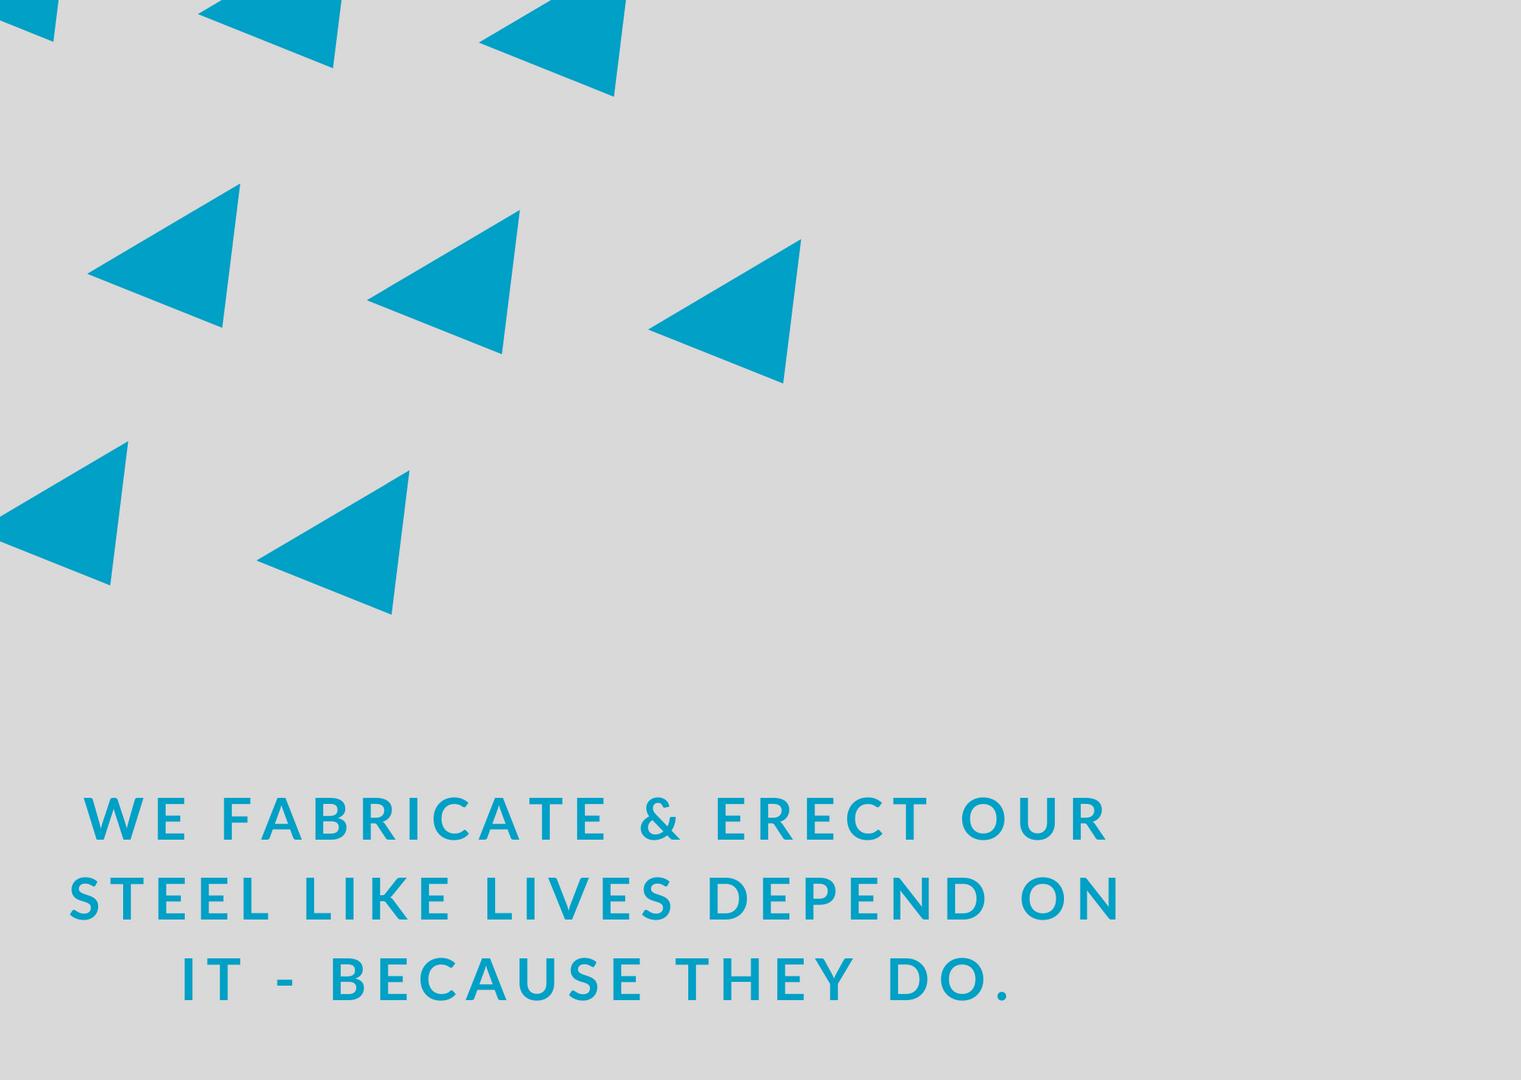 We fabricate steel like lives depend on it - like they do